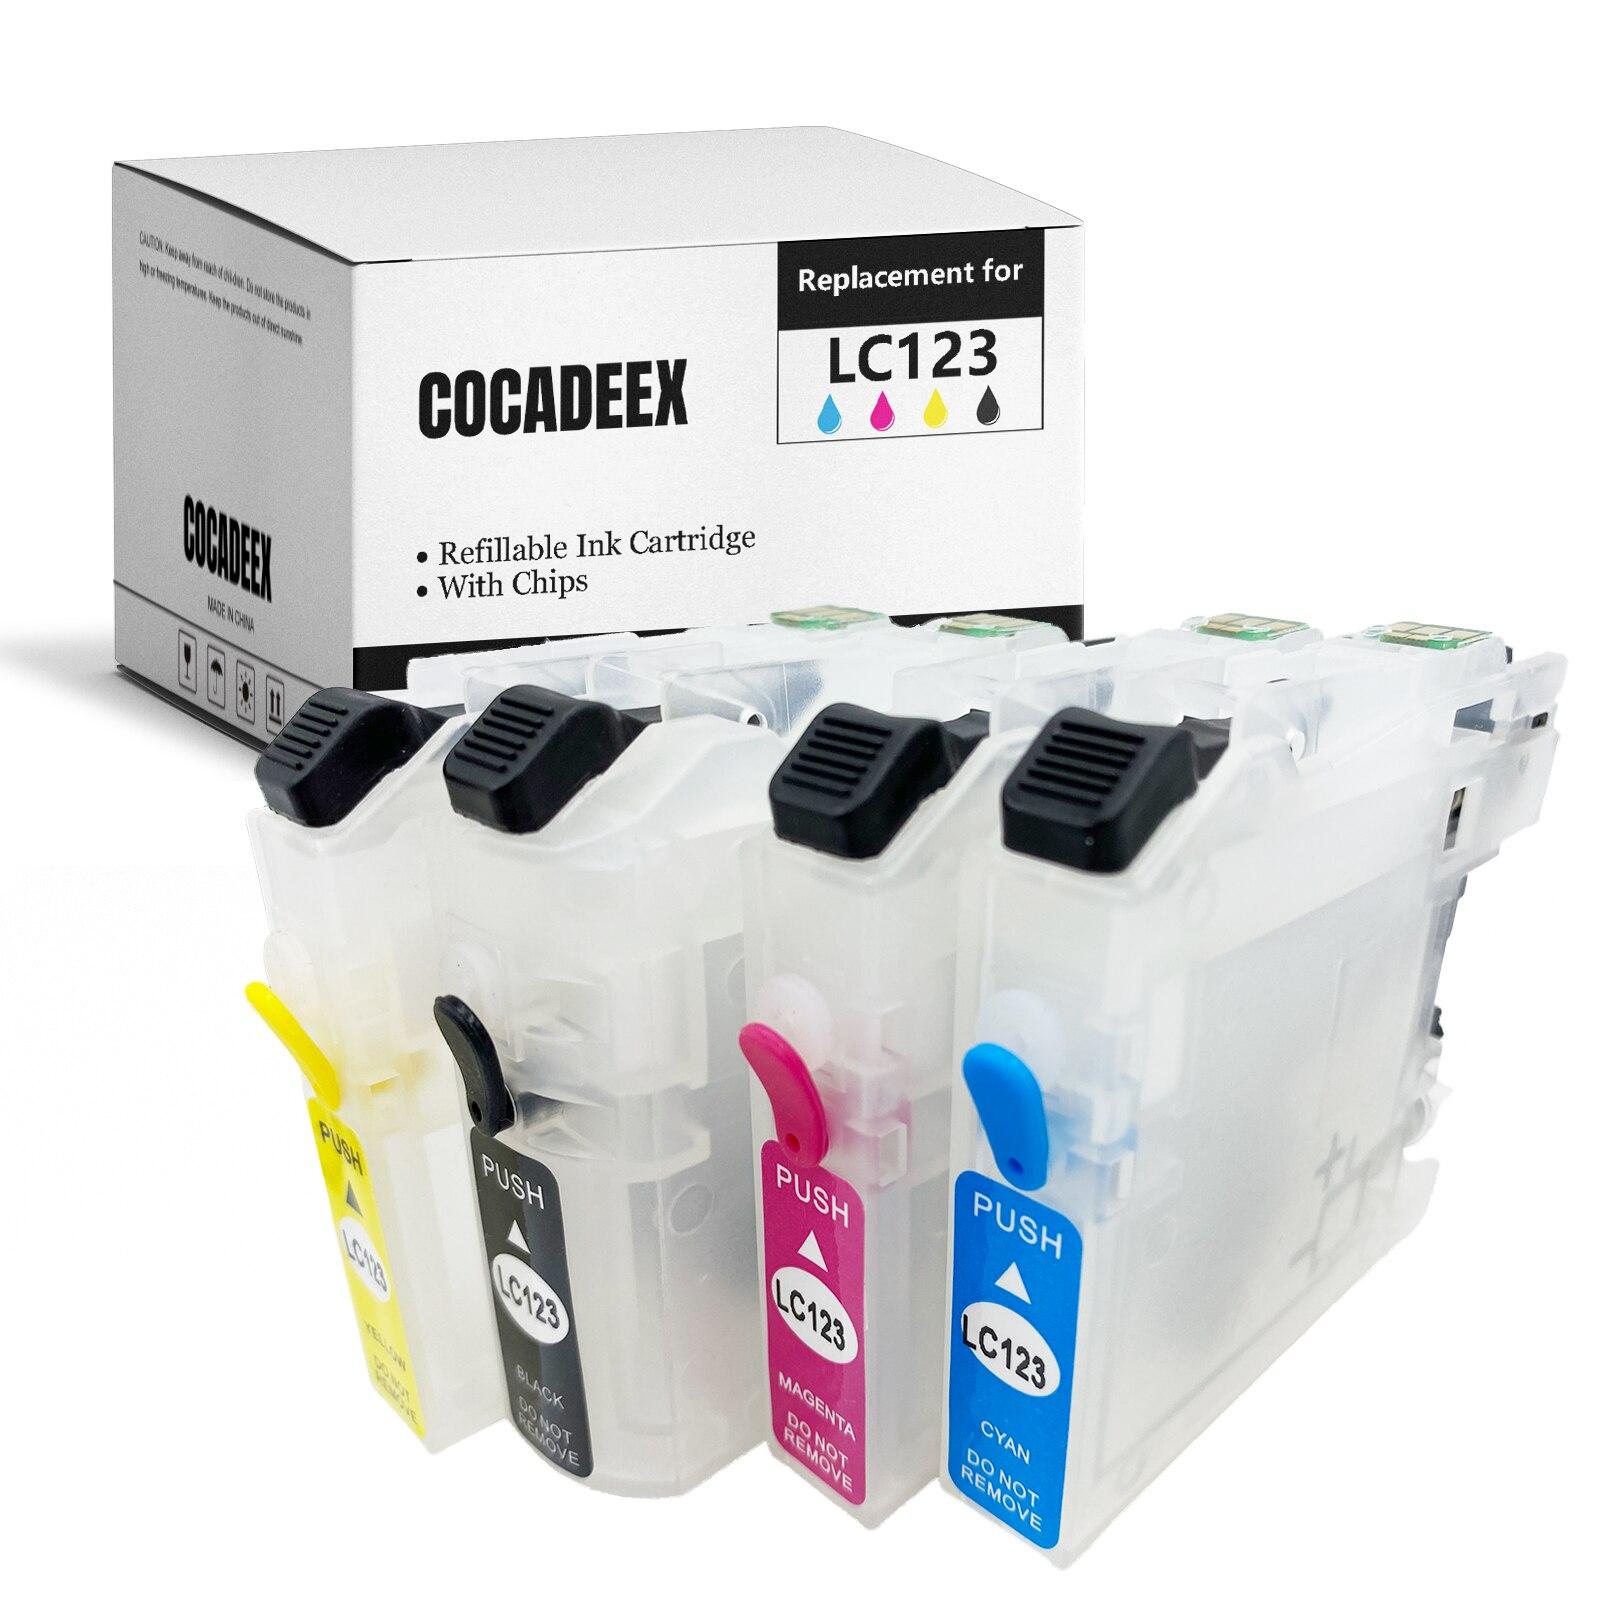 4 Pack/Set LC123 перезаправляемый картридж с чипом для Brother DCP-J4110DW DCP-J552DW DCP-J752DW DCP-J132W DCP-J152W принтер